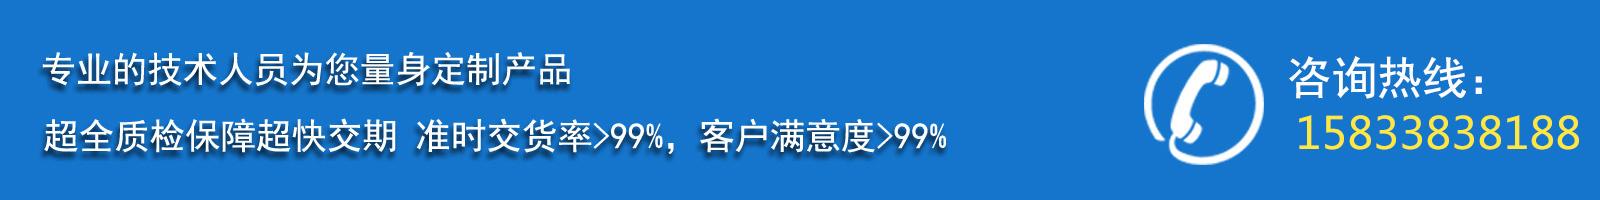 河北鑫金冀丝网制造有限公司 border=